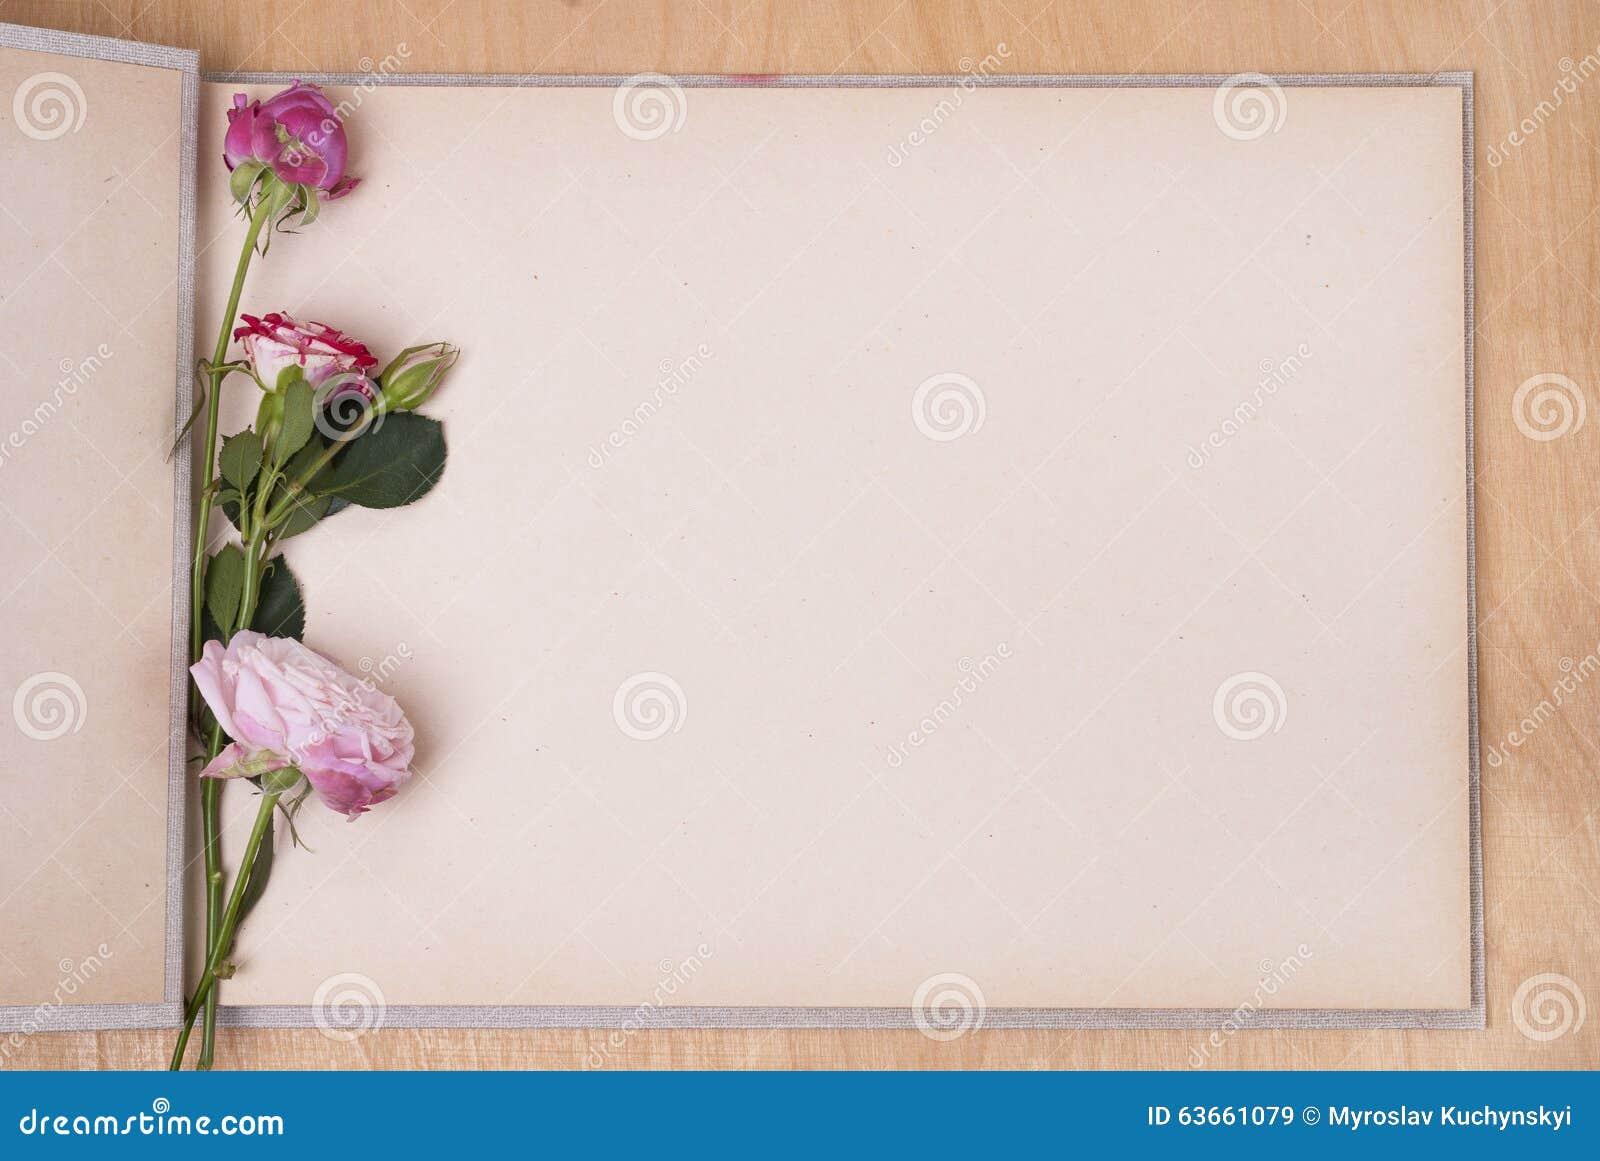 Λεύκωμα και τριαντάφυλλα φωτογραφιών